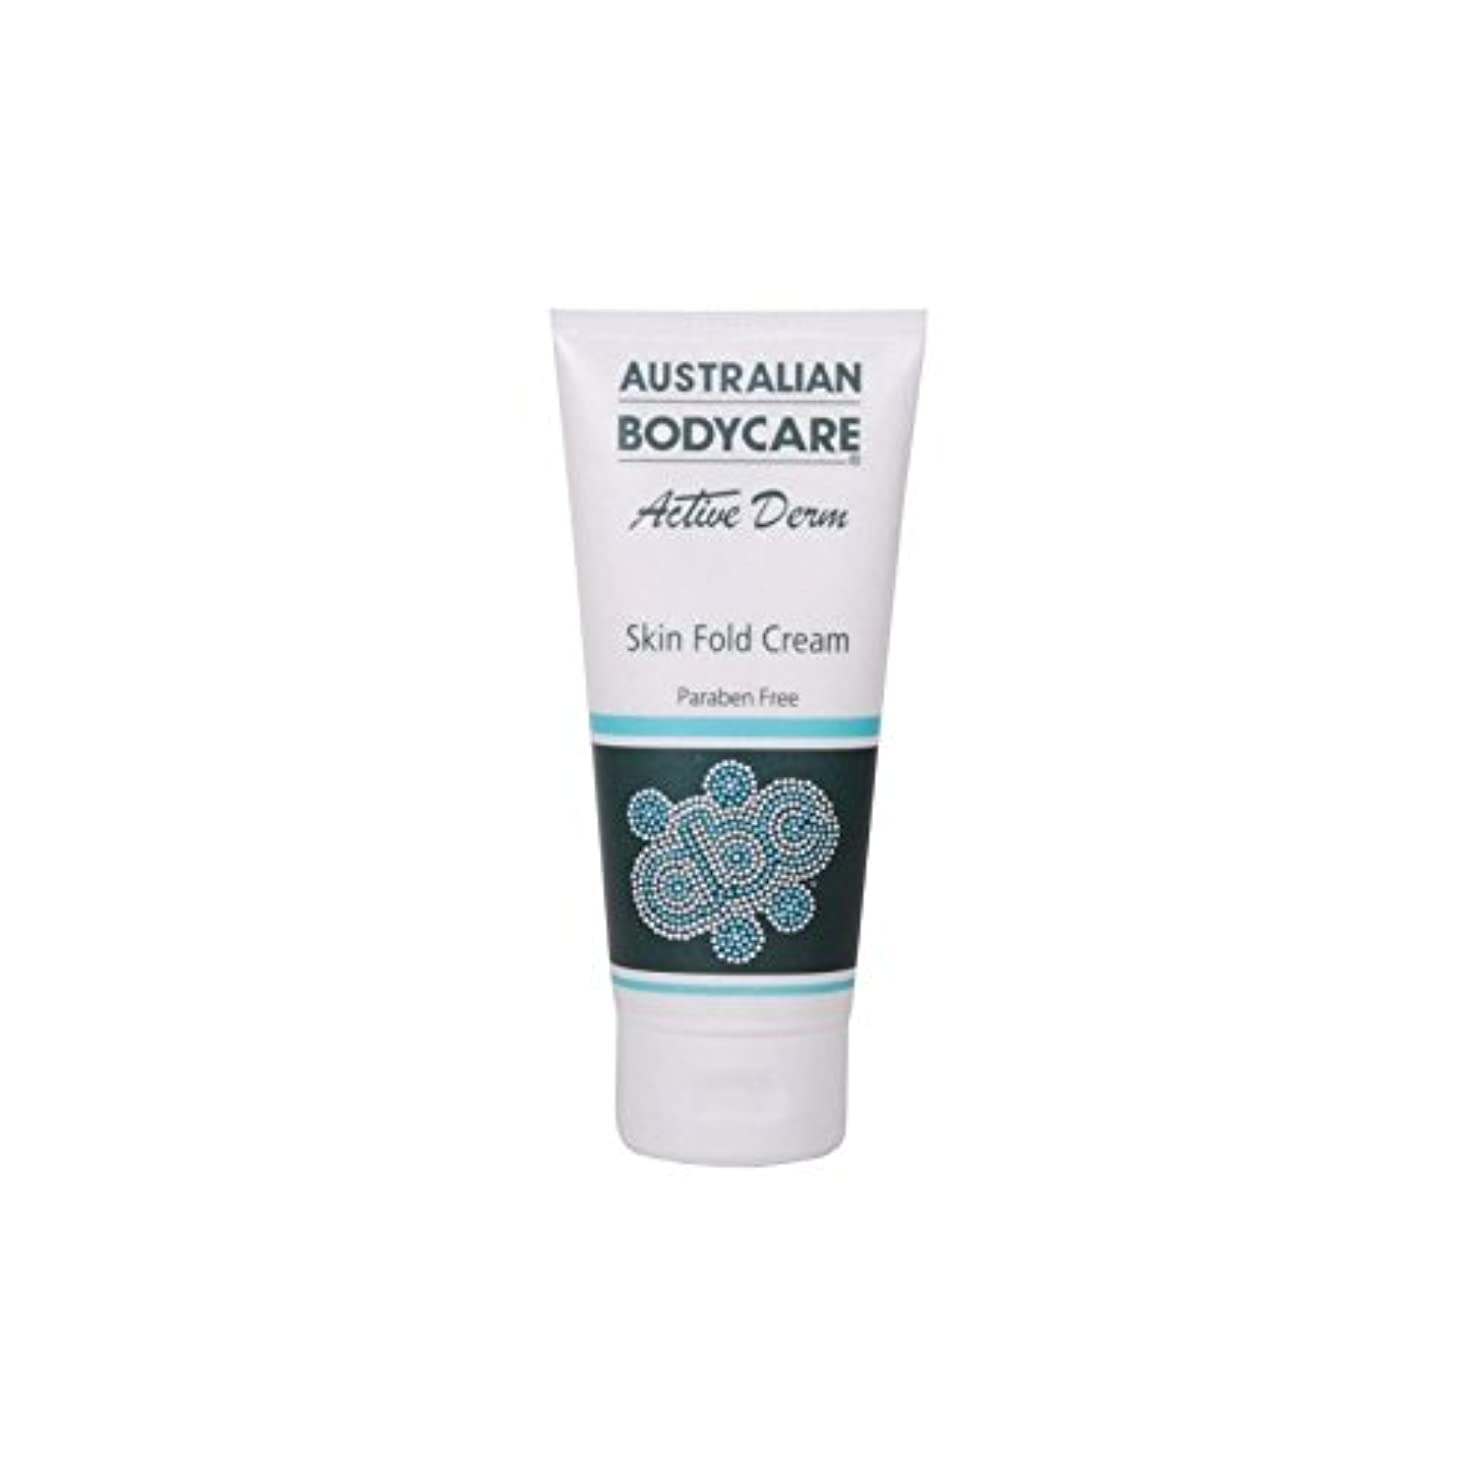 雑草メタルライン破壊するAustralian Bodycare Active Derm Skin Fold Cream (100ml) (Pack of 6) - オーストラリアのボディケアアクティブダーム皮膚のひだクリーム(100ミリリットル...